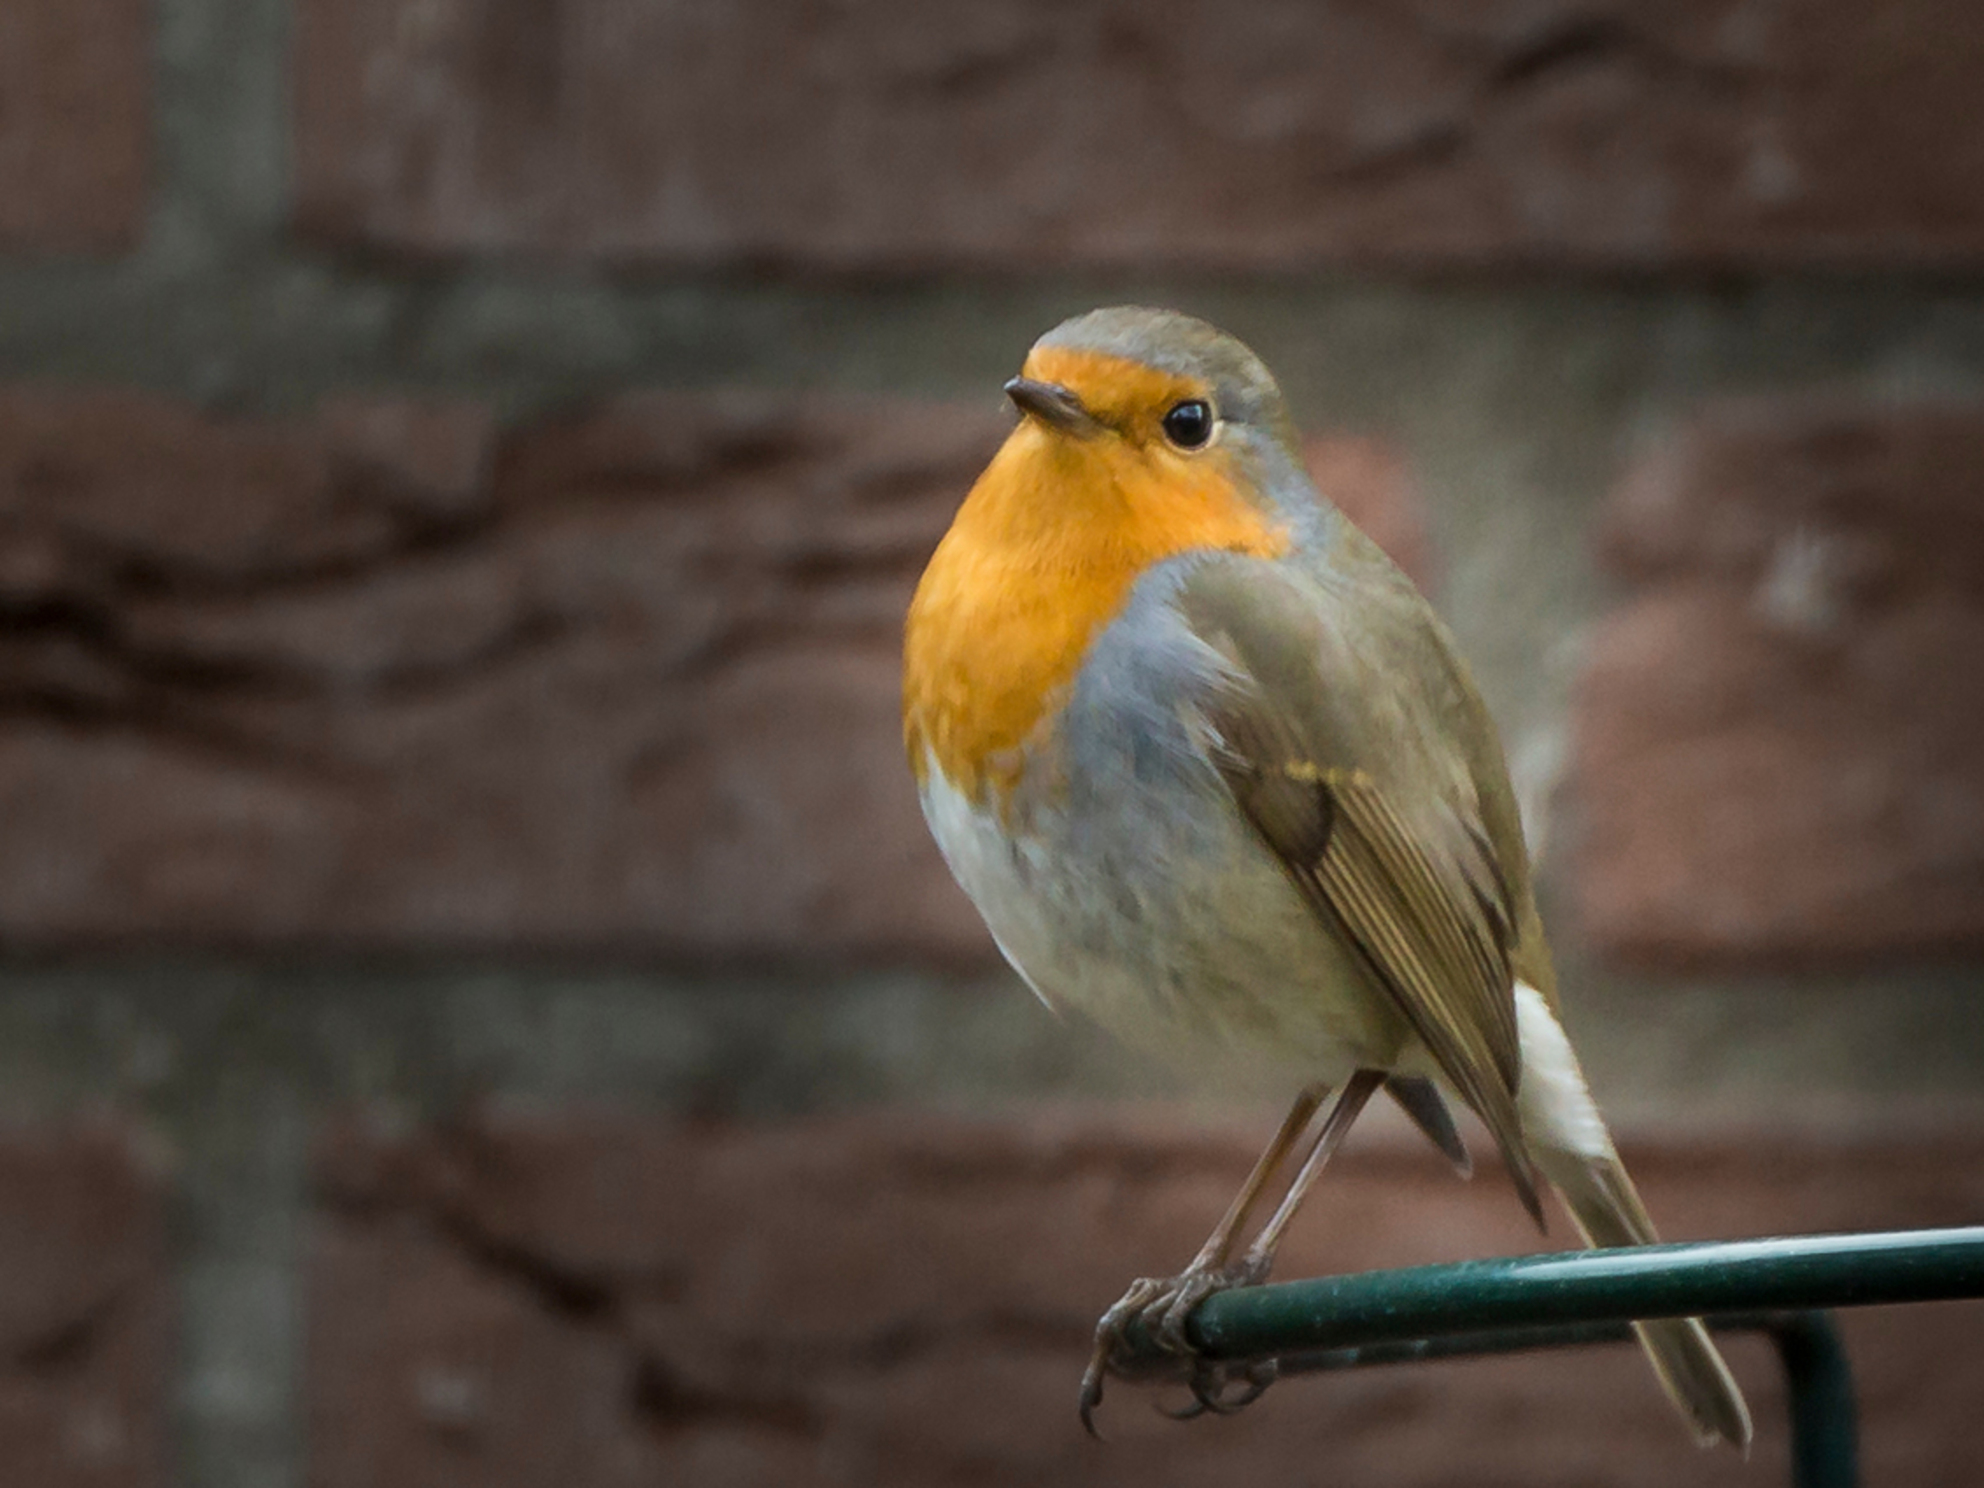 roodborst - Hij kwam regelmatig even kijken en snoepen uit de pindapot - foto door aloyss op 08-03-2021 - deze foto bevat: natuur, roodborstje, dieren, vogel - Deze foto mag gebruikt worden in een Zoom.nl publicatie